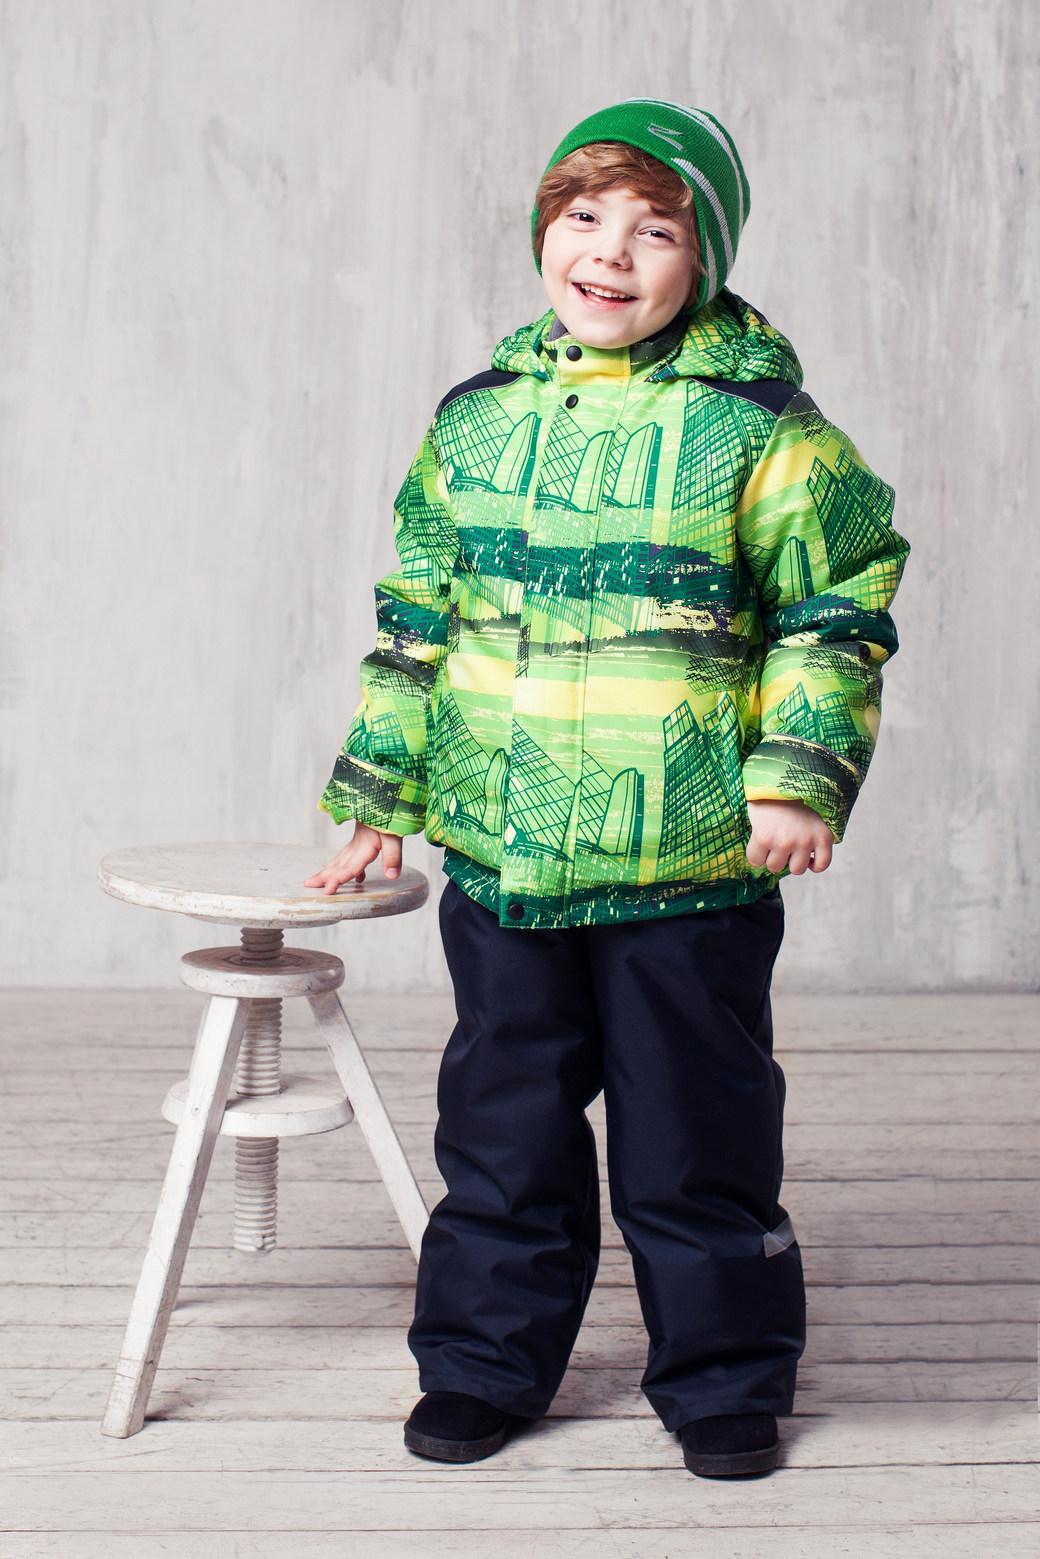 Комплект одежды для мальчика Jicco Гвидон: куртка, полукомбинезон, цвет: зеленый, синий. 1КС1622. Размер 104, 4 года1КС1622Высокопрочный костюм для мальчика Гвидон из зимней коллекции JICCO by OLDOS состоит из куртки и полукомбинезона. Костюм оснащен всем самым необходимым для комфортной носки. Пропитка на ткани Teflon защищает от грязи и воды, увеличивает износостойкость и облегчает уход. Гипоаллергенный утеплитель HOLLOFAN 300 г/м2 в куртке и 150 г/м2 в брюках эффективно удерживает тепло, не впитывает влагу и запах. Температура носки -30°С...+0°С. Флисовая подкладка в области груди, спины и воротника, в рукавах и полукомбинезоне - гладкий полиэстер для легкости одевания. Костюм может расти вместе с ребенком за счет отворотов. Куртка отличается продуманным функционалом: ветрозащитная планка по всей длине молнии с защитой подбородка, воротник-стойка с мягкой подкладкой, рукава с возможностью подворота, саморегулирующаяся муфта с трикотажной манжетой внутри рукава, капюшон втачной (несъемный) с резинками по краю, вшиты резинки по низу куртки для лучшего прилегания, карманы на молнии. Полукомбинезон также очень практичен: хорошо закрывает грудку и спинку ребенка, широкие эластичные регулируемые лямки, по талии вшита резинка, ветро-снегозащитная муфта на резинке. Вечерние прогулки в этом костюме будут не только приятными, но и безопасными благодаря светоотражающим элементам на куртке и на полукомбинезоне.